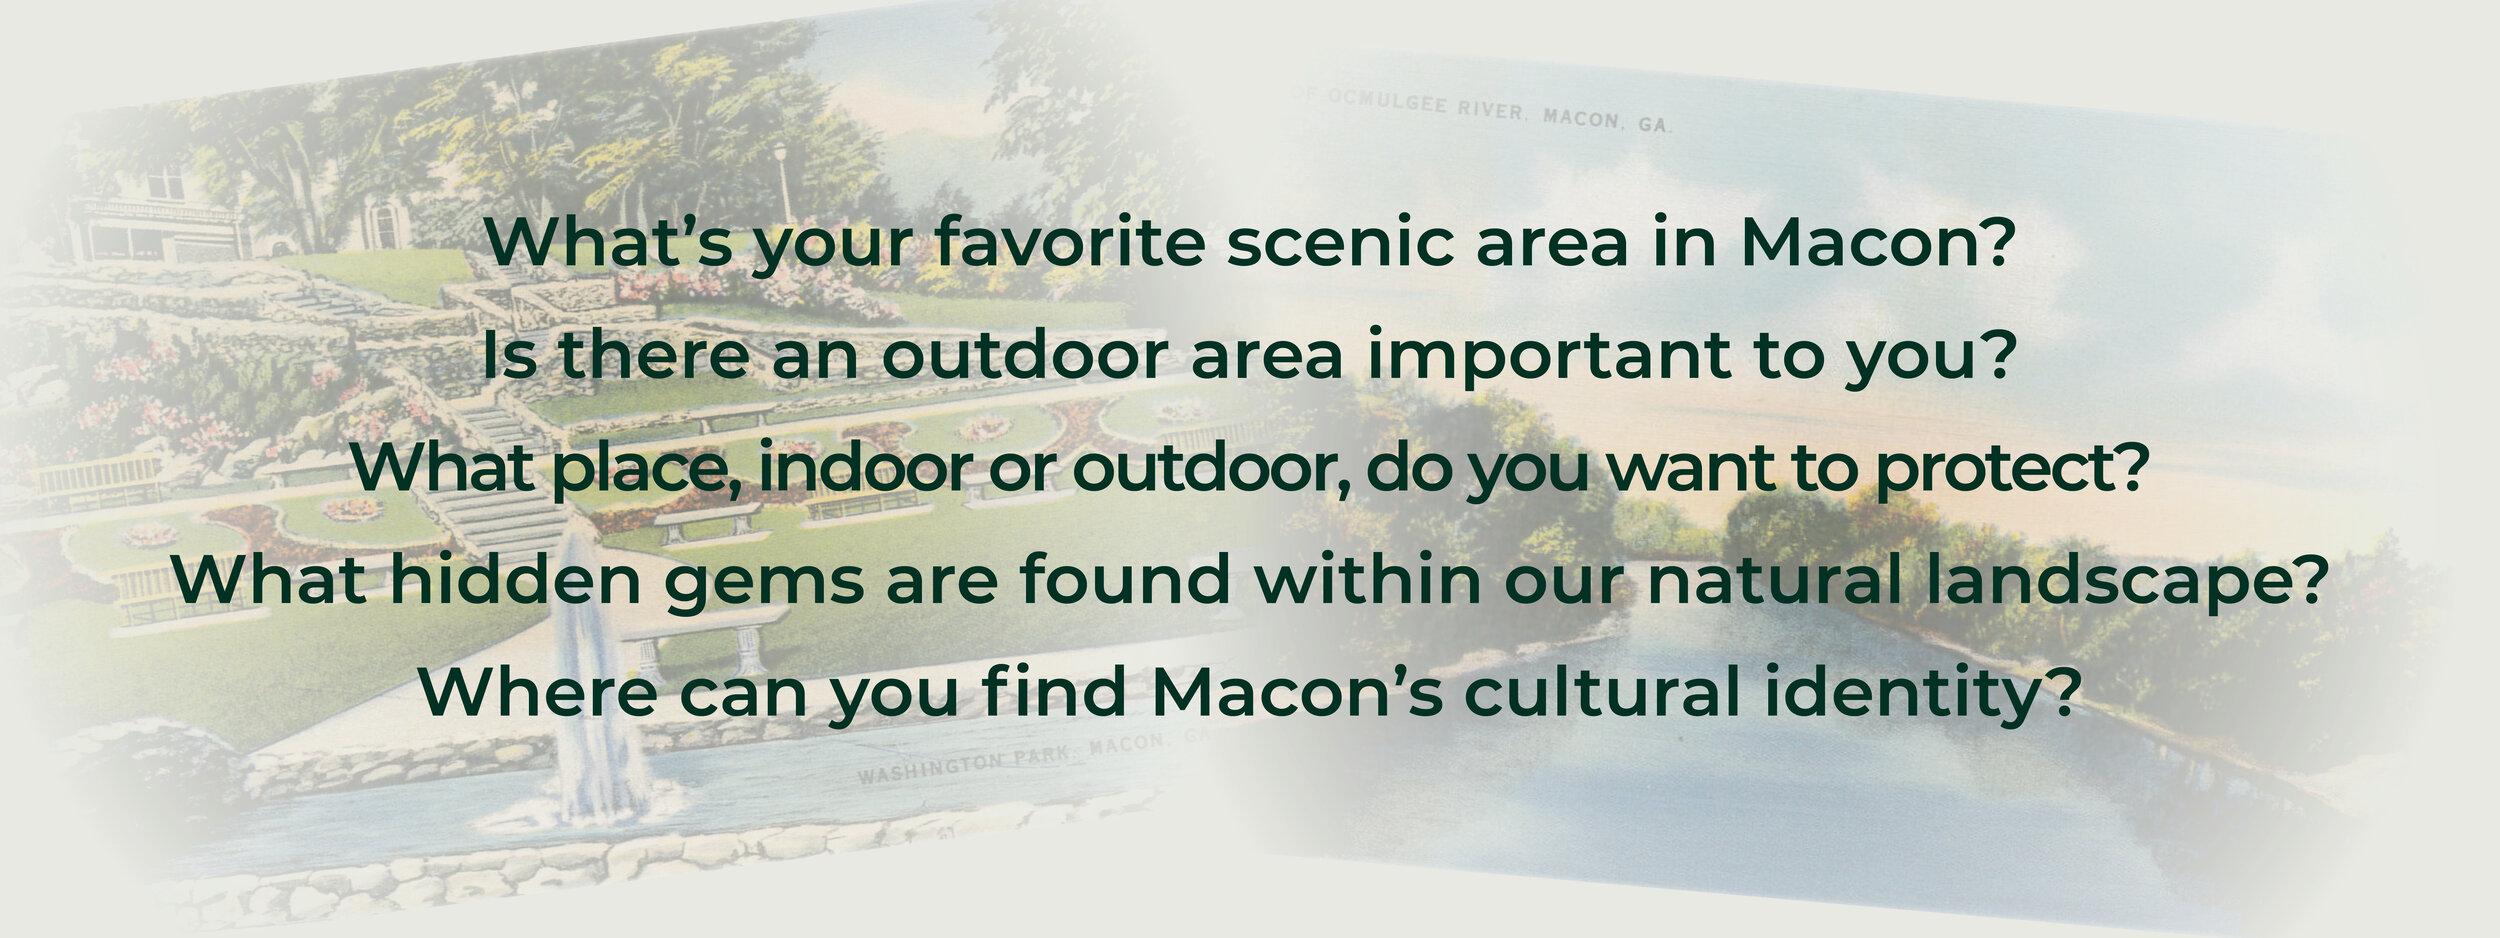 Macon SPI_Survey Questions.jpg